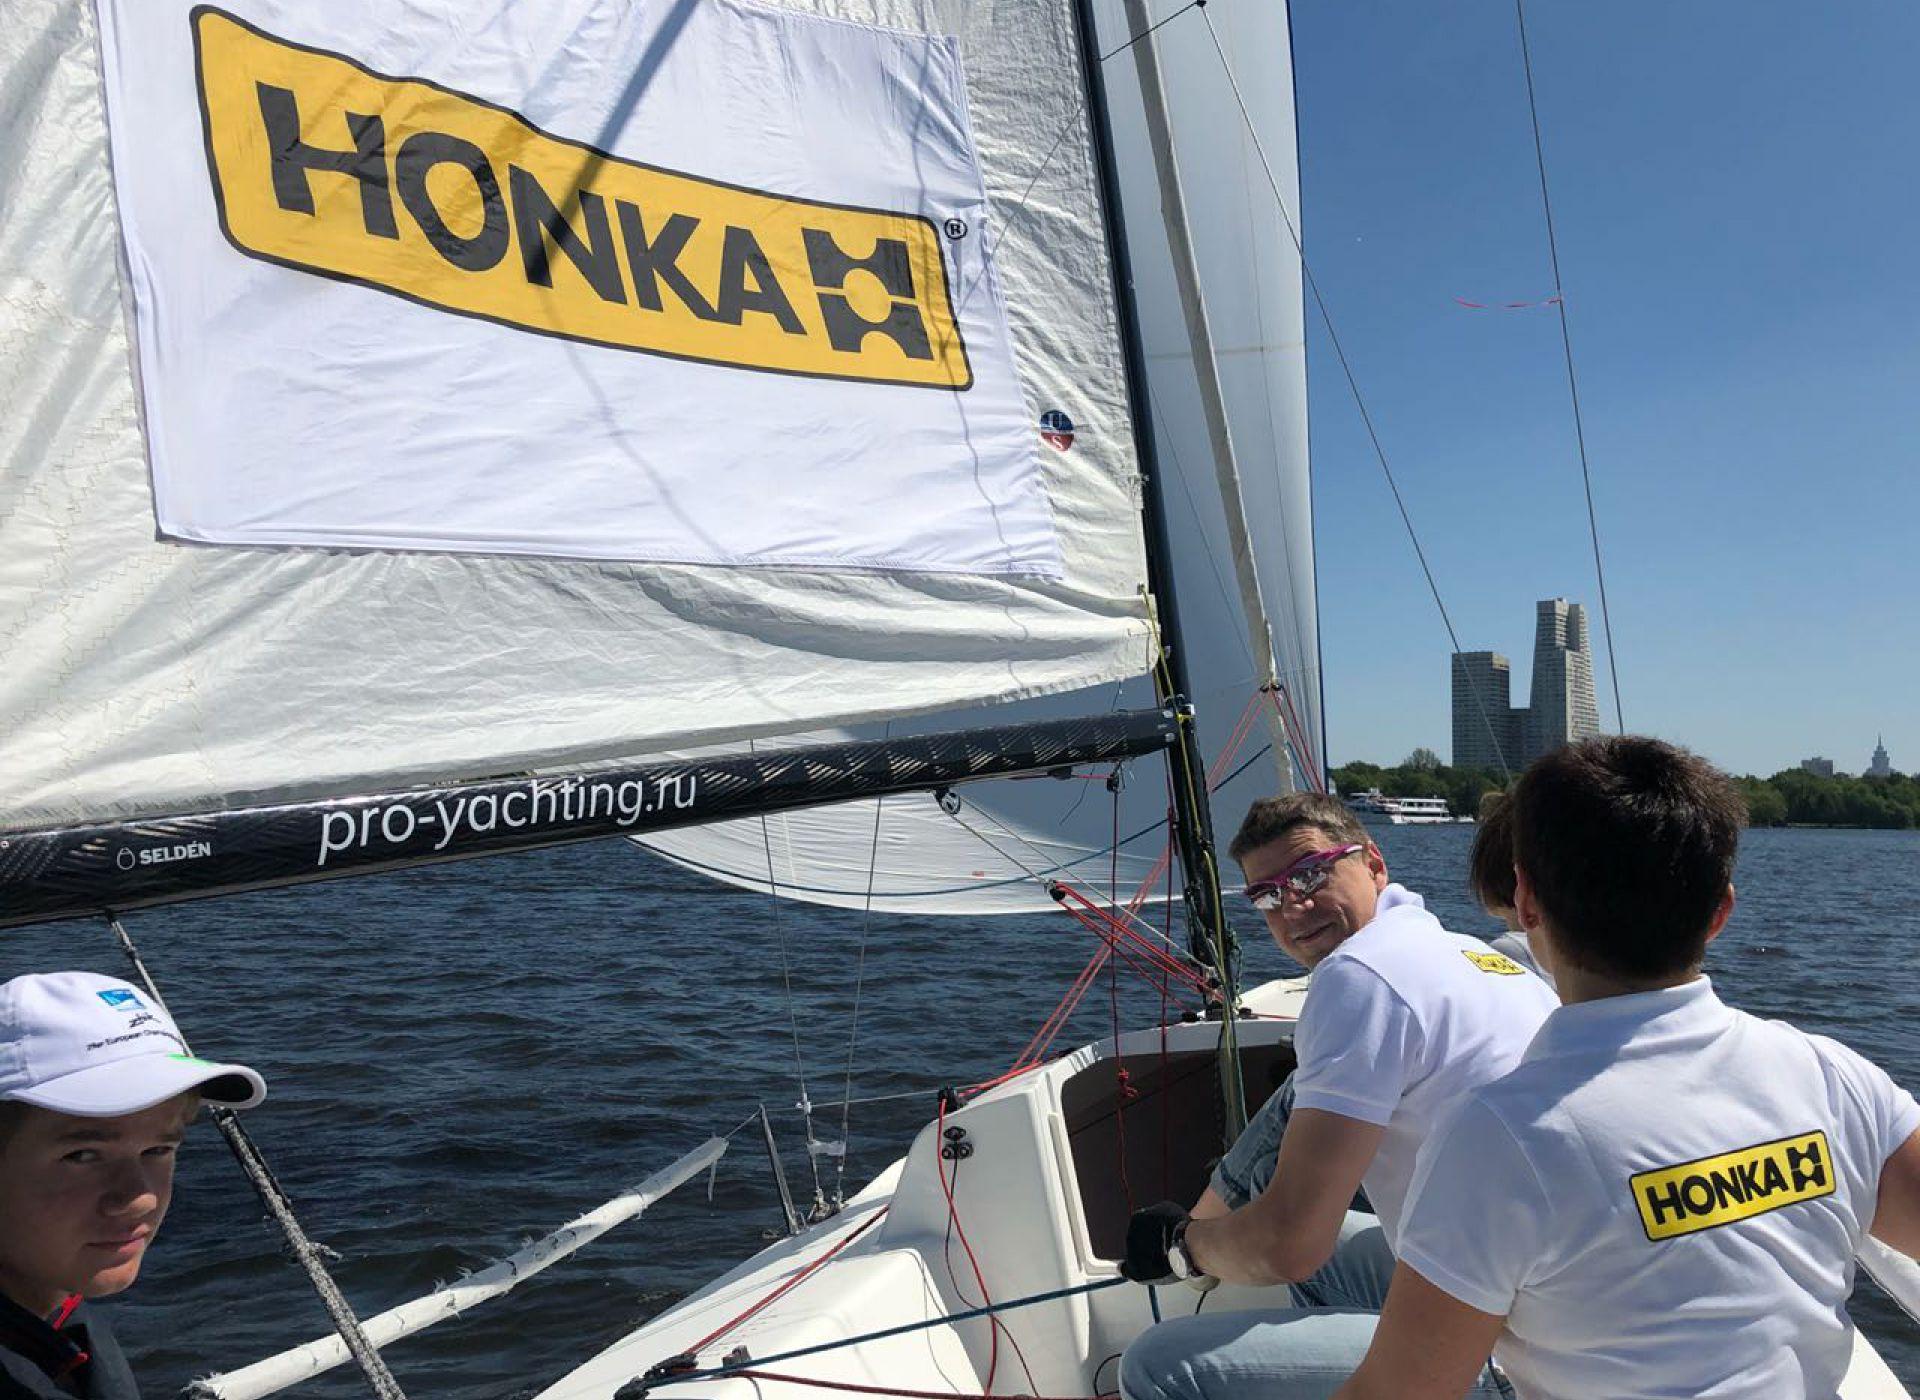 HONKA и Истринская долина — спонсоры Moscow Yacht Show 2018